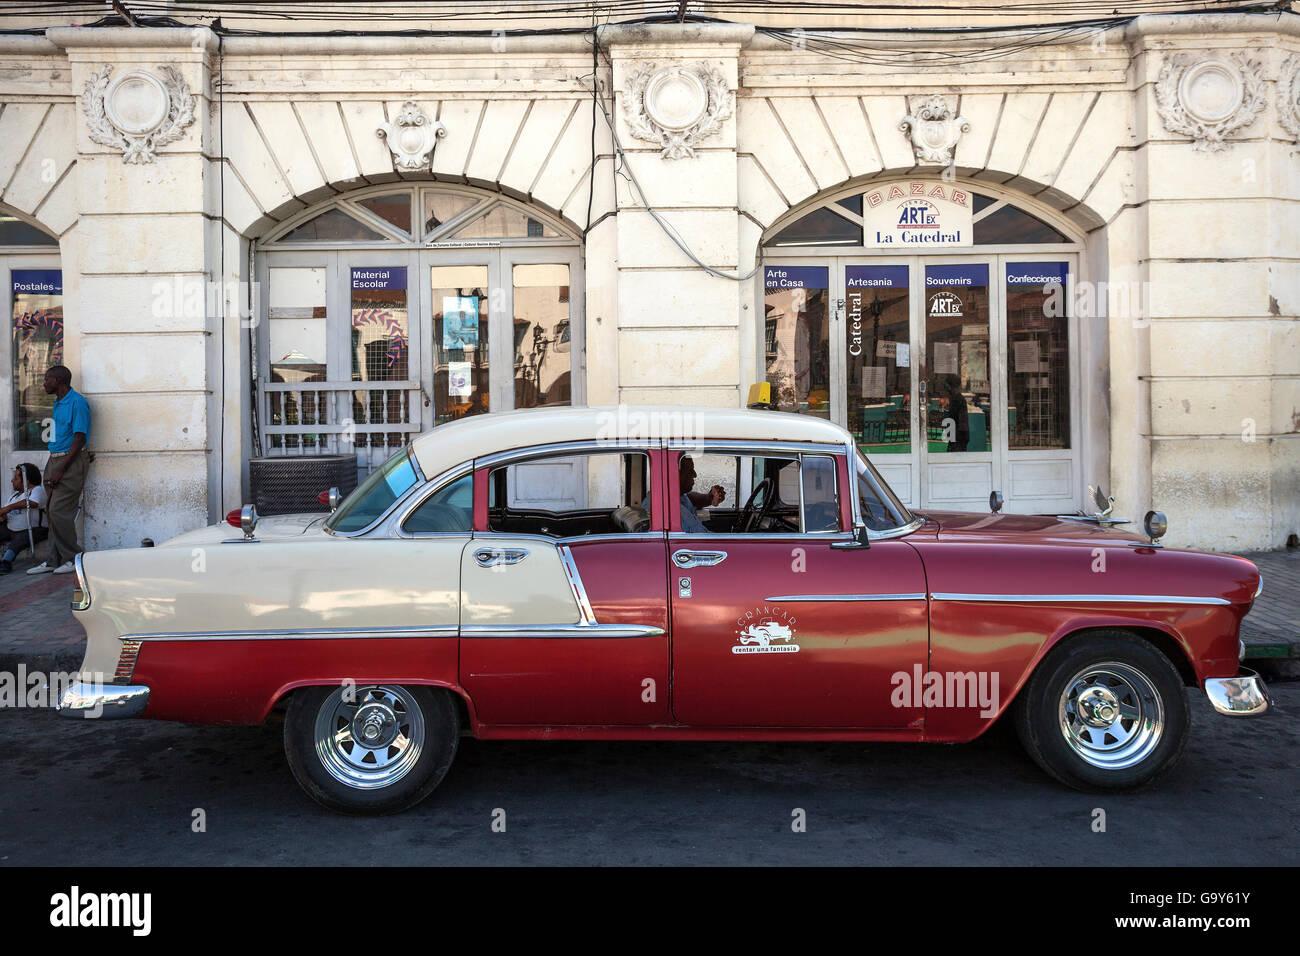 Oldtimer, rot und weiß, 50er Jahre, Santiago De Cuba, Provinz Santiago De Cuba, Kuba Stockbild